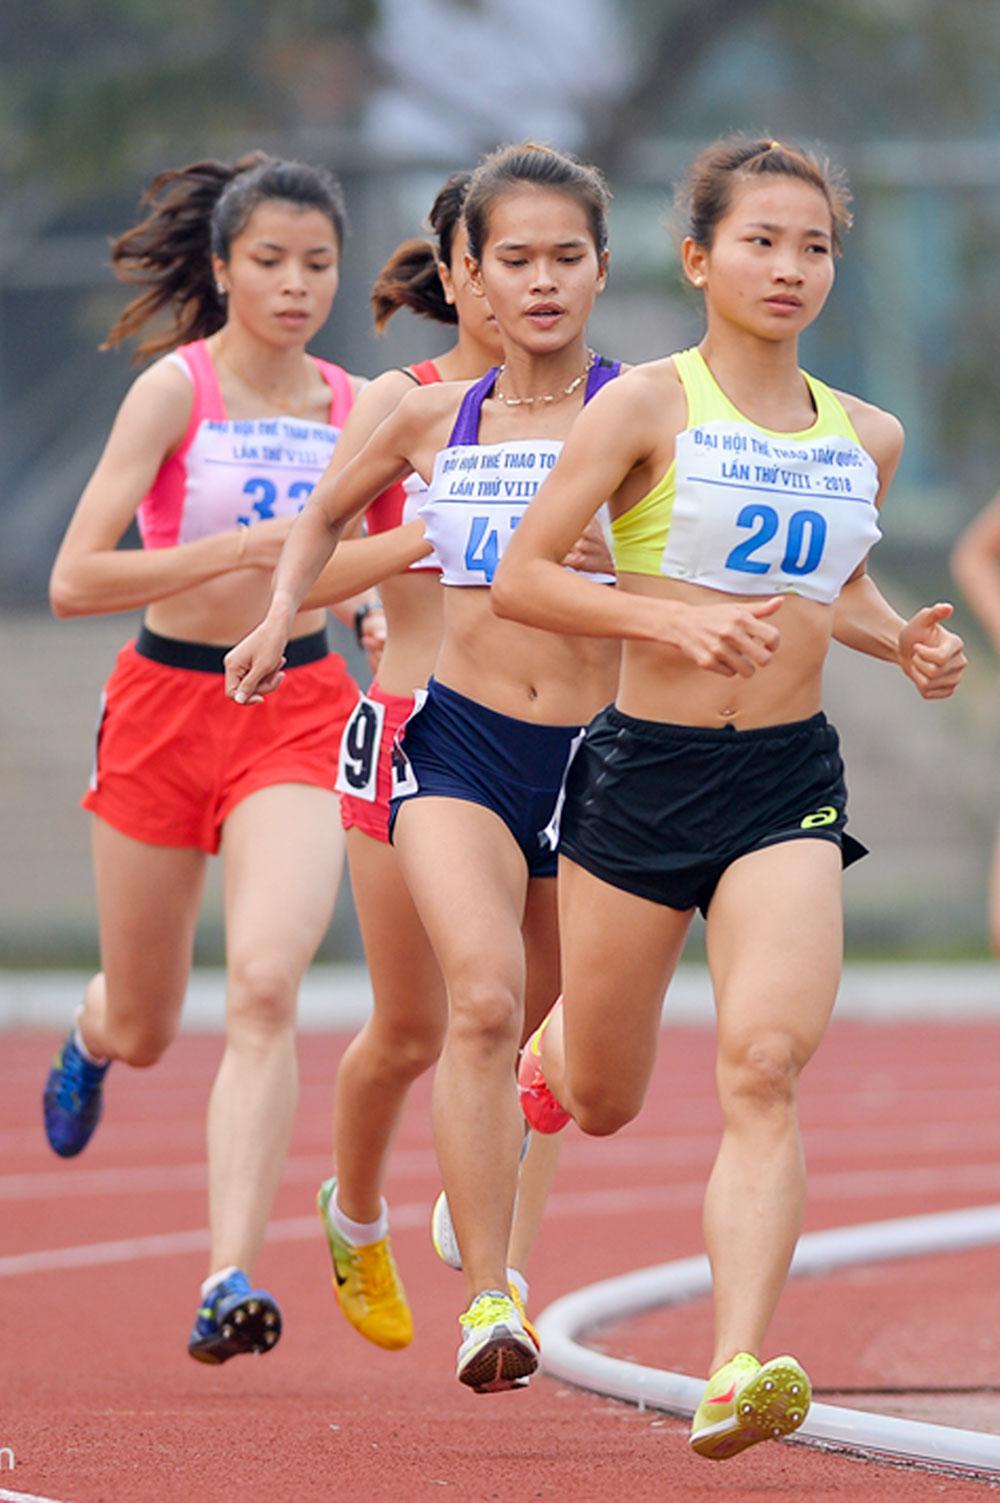 SEA Games 30, Nguyễn Thị Oanh,  ngôi vương, Bắc Giang, Huy chương Vàng